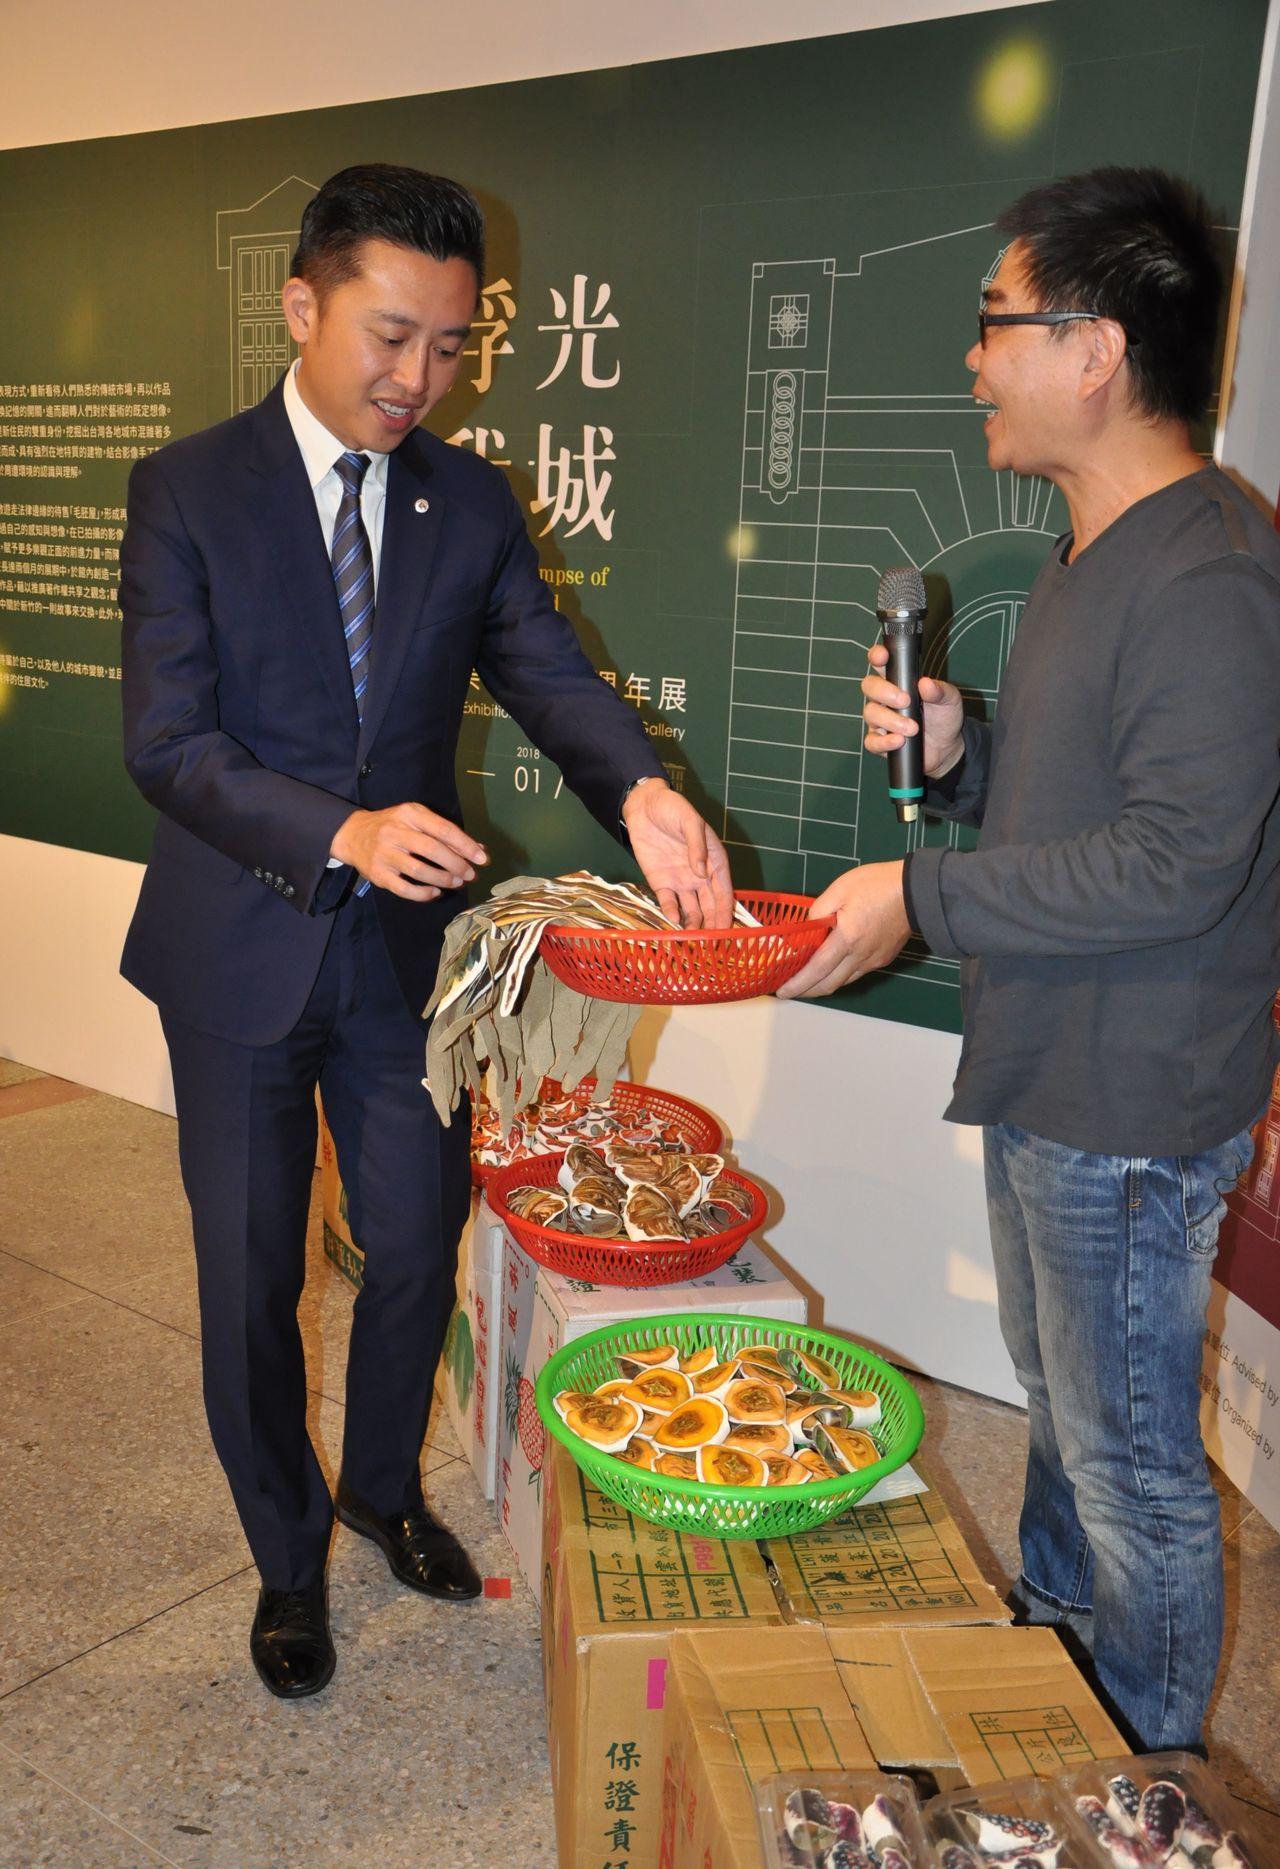 新竹市長林智堅(左)參加「浮光我城─新竹市美術館十周年展」活動。記者林家琛/攝影